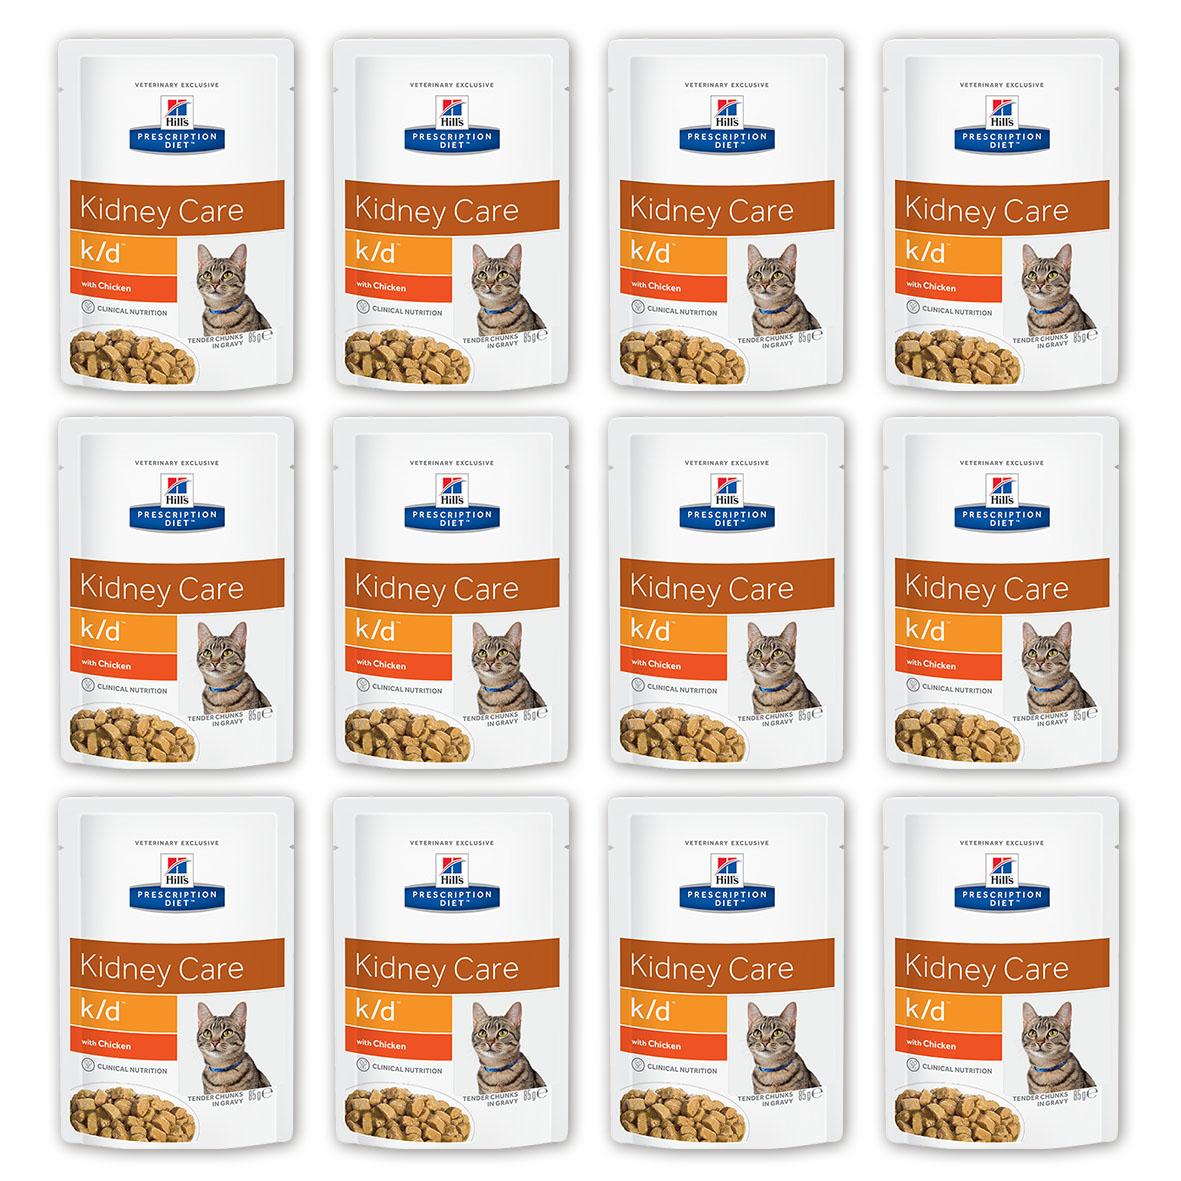 Консервы для кошек Hill's Prescription Diet. K/D, при заболевании почек и урологическом синдроме, с курицей, 85 г, 12 шт консервы для кошек hill s k d диетические для лечения заболеваний почек с курицей 156 г х 12 шт